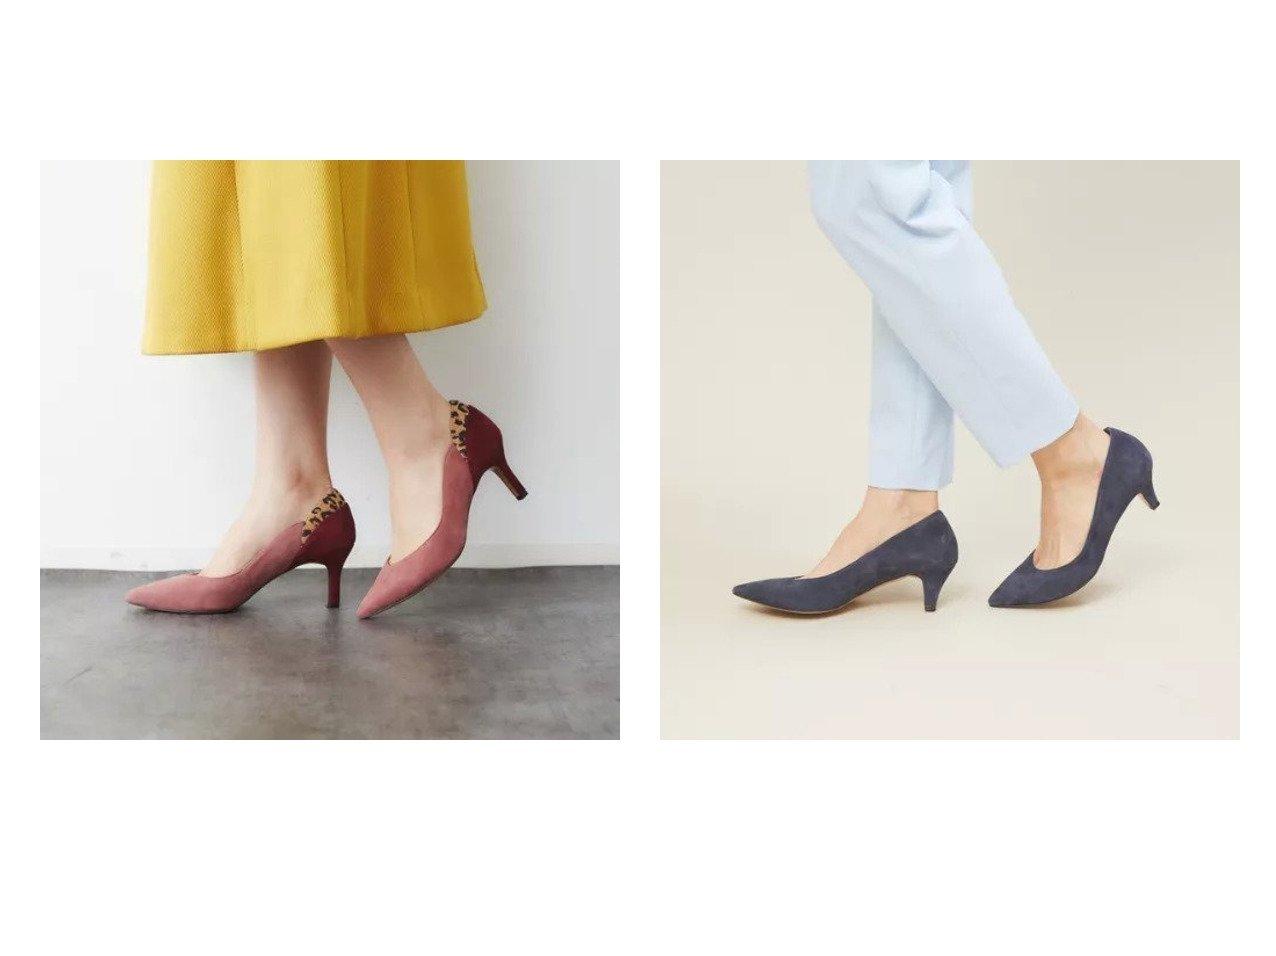 【Piche Abahouse/ピシェ アバハウス】の【最高パンプス・5cmヒール】美脚 快適 fluffy fit パンプス&【最高パンプス/7cmヒール】美脚 快適 fluffy fit 配色パンプス シューズ・靴のおすすめ!人気、トレンド・レディースファッションの通販  おすすめで人気の流行・トレンド、ファッションの通販商品 メンズファッション・キッズファッション・インテリア・家具・レディースファッション・服の通販 founy(ファニー) https://founy.com/ ファッション Fashion レディースファッション WOMEN インソール カッティング クッション シューズ 定番 Standard フィット ベーシック A/W 秋冬 AW Autumn/Winter / FW Fall-Winter |ID:crp329100000010851